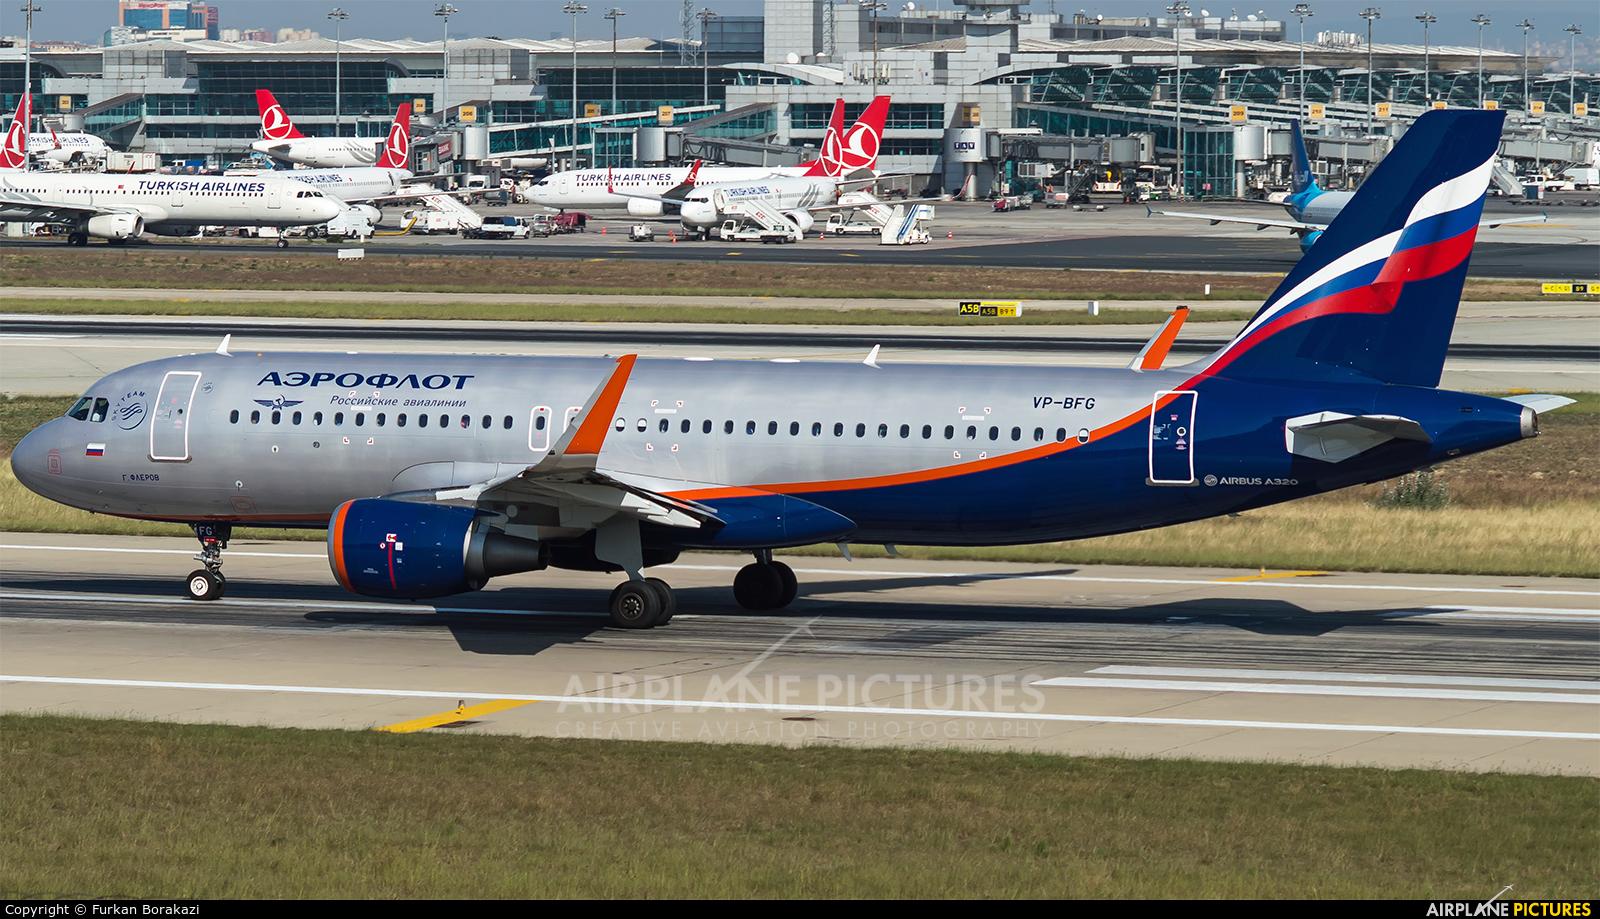 Aeroflot VP-BFG aircraft at Istanbul - Ataturk